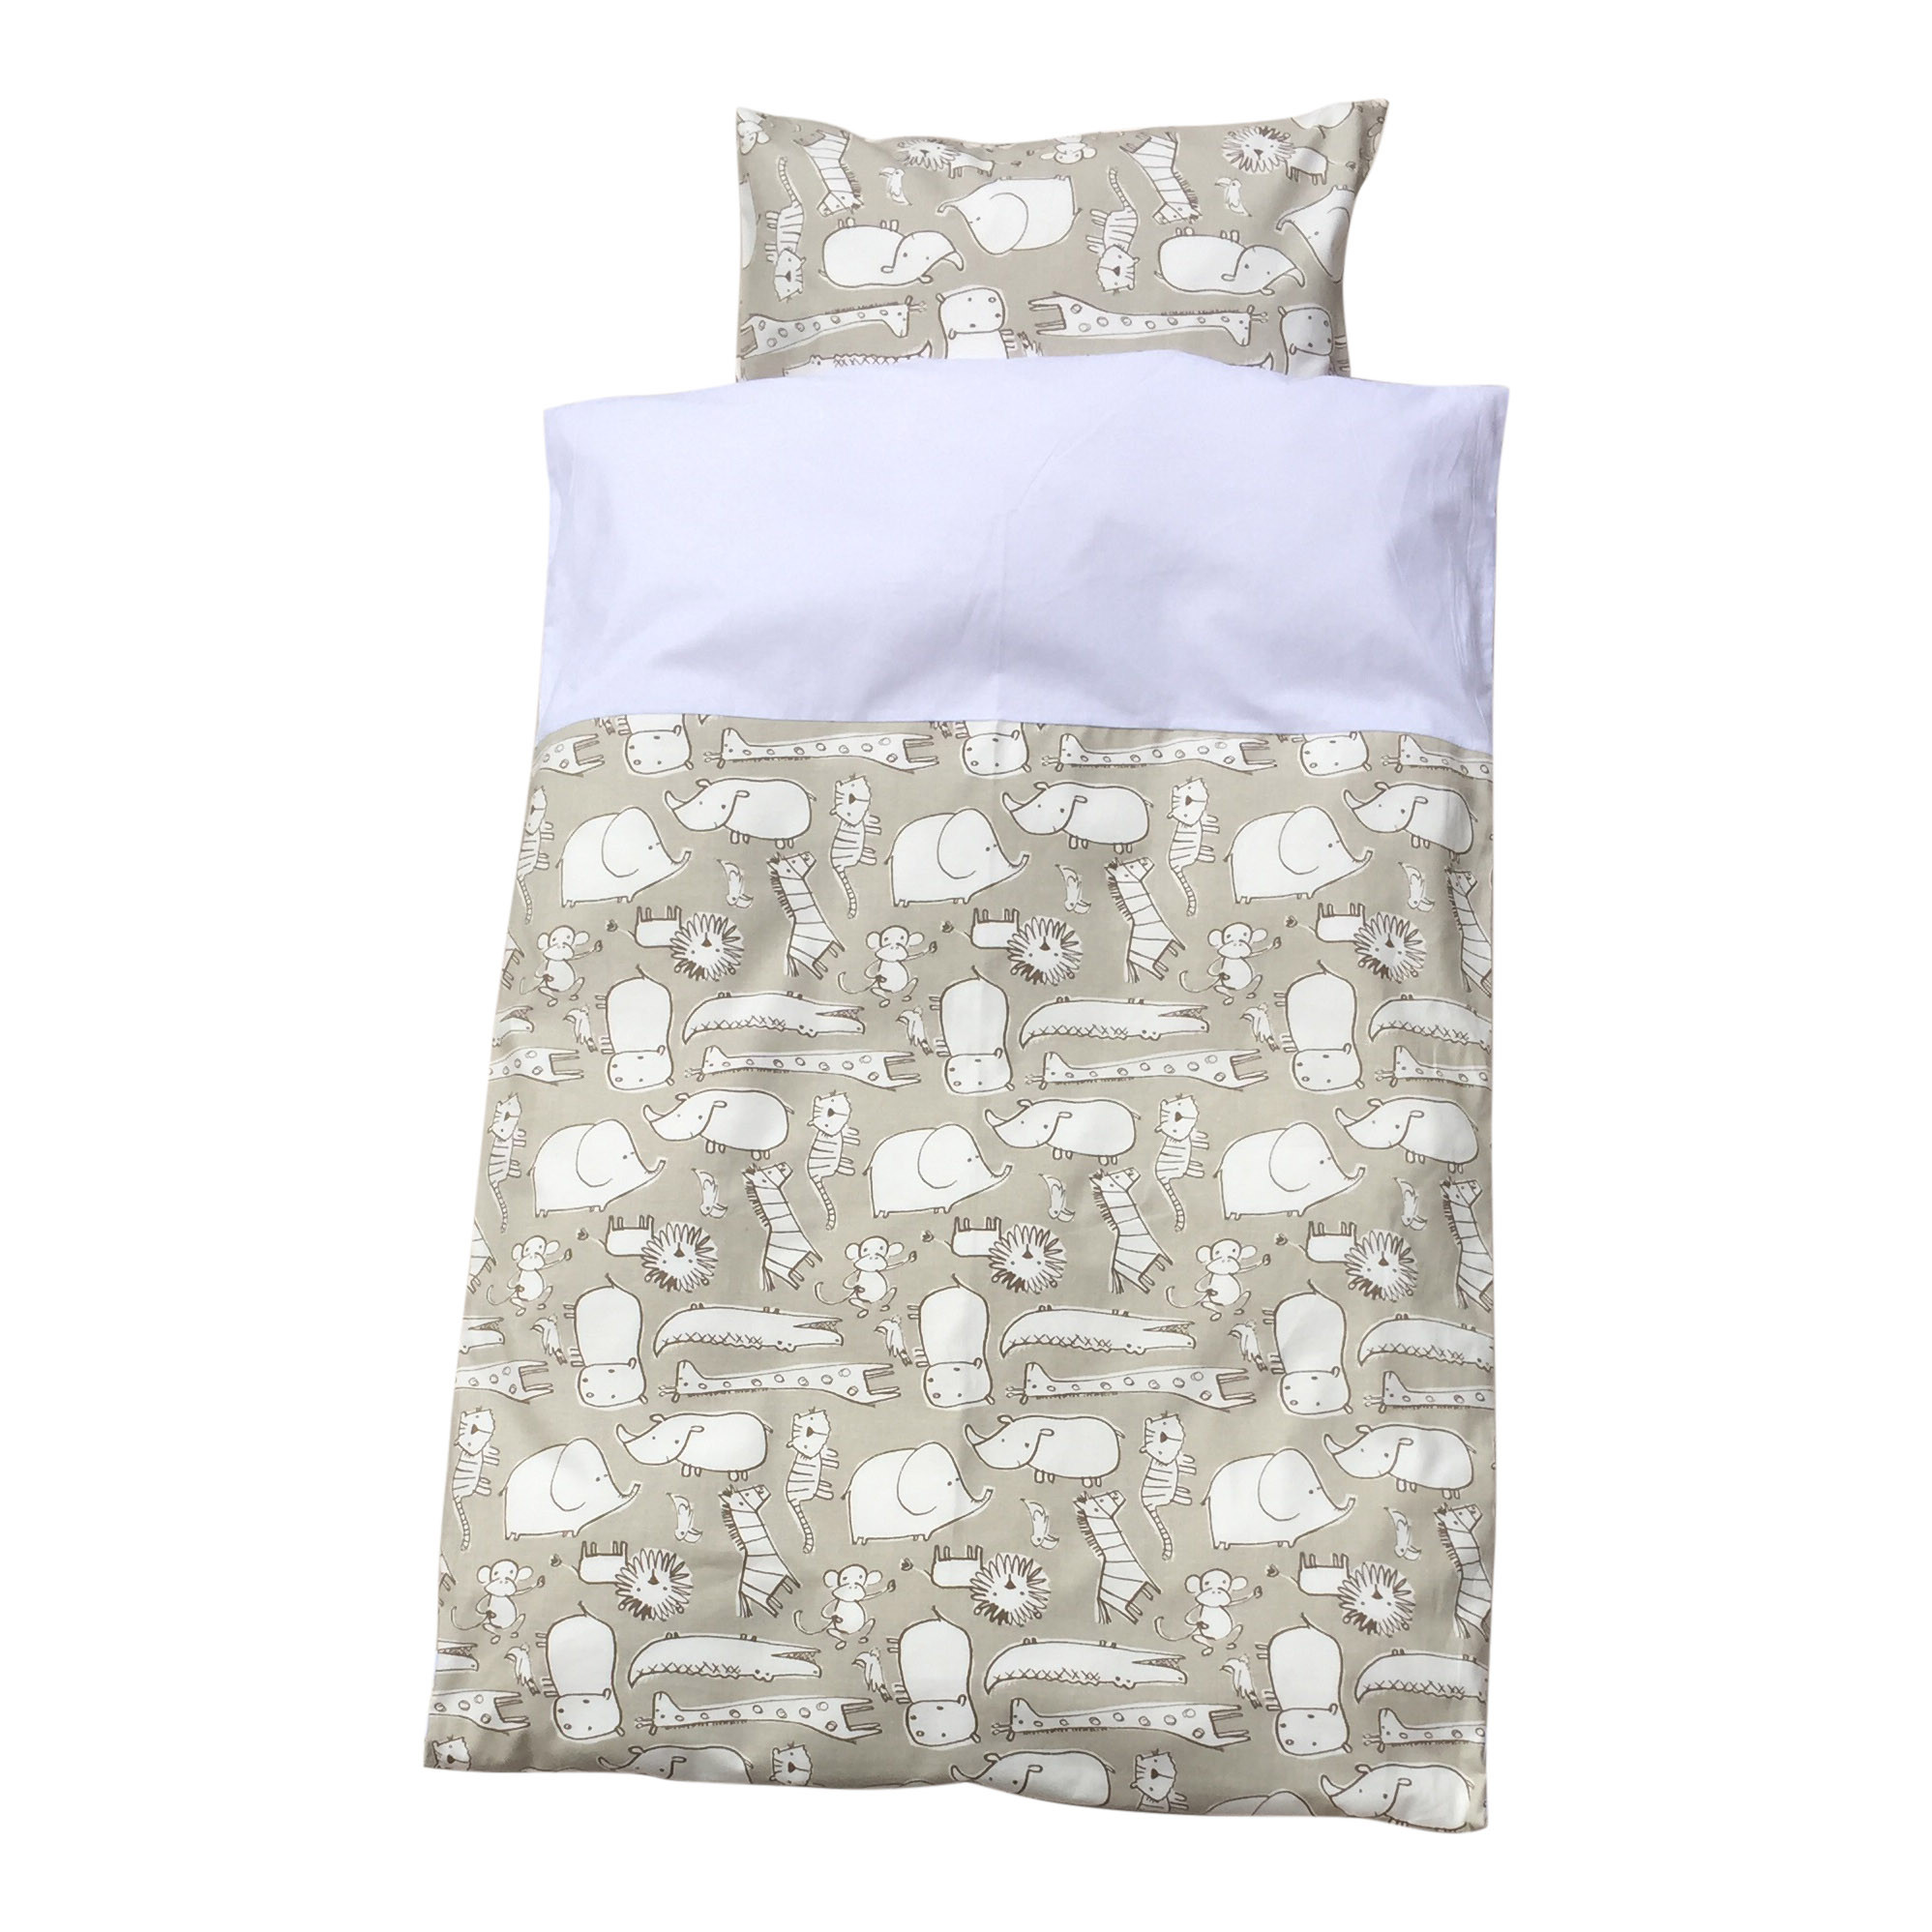 2c694eab820 Baby sengetøj - Baby sengetøj med navn